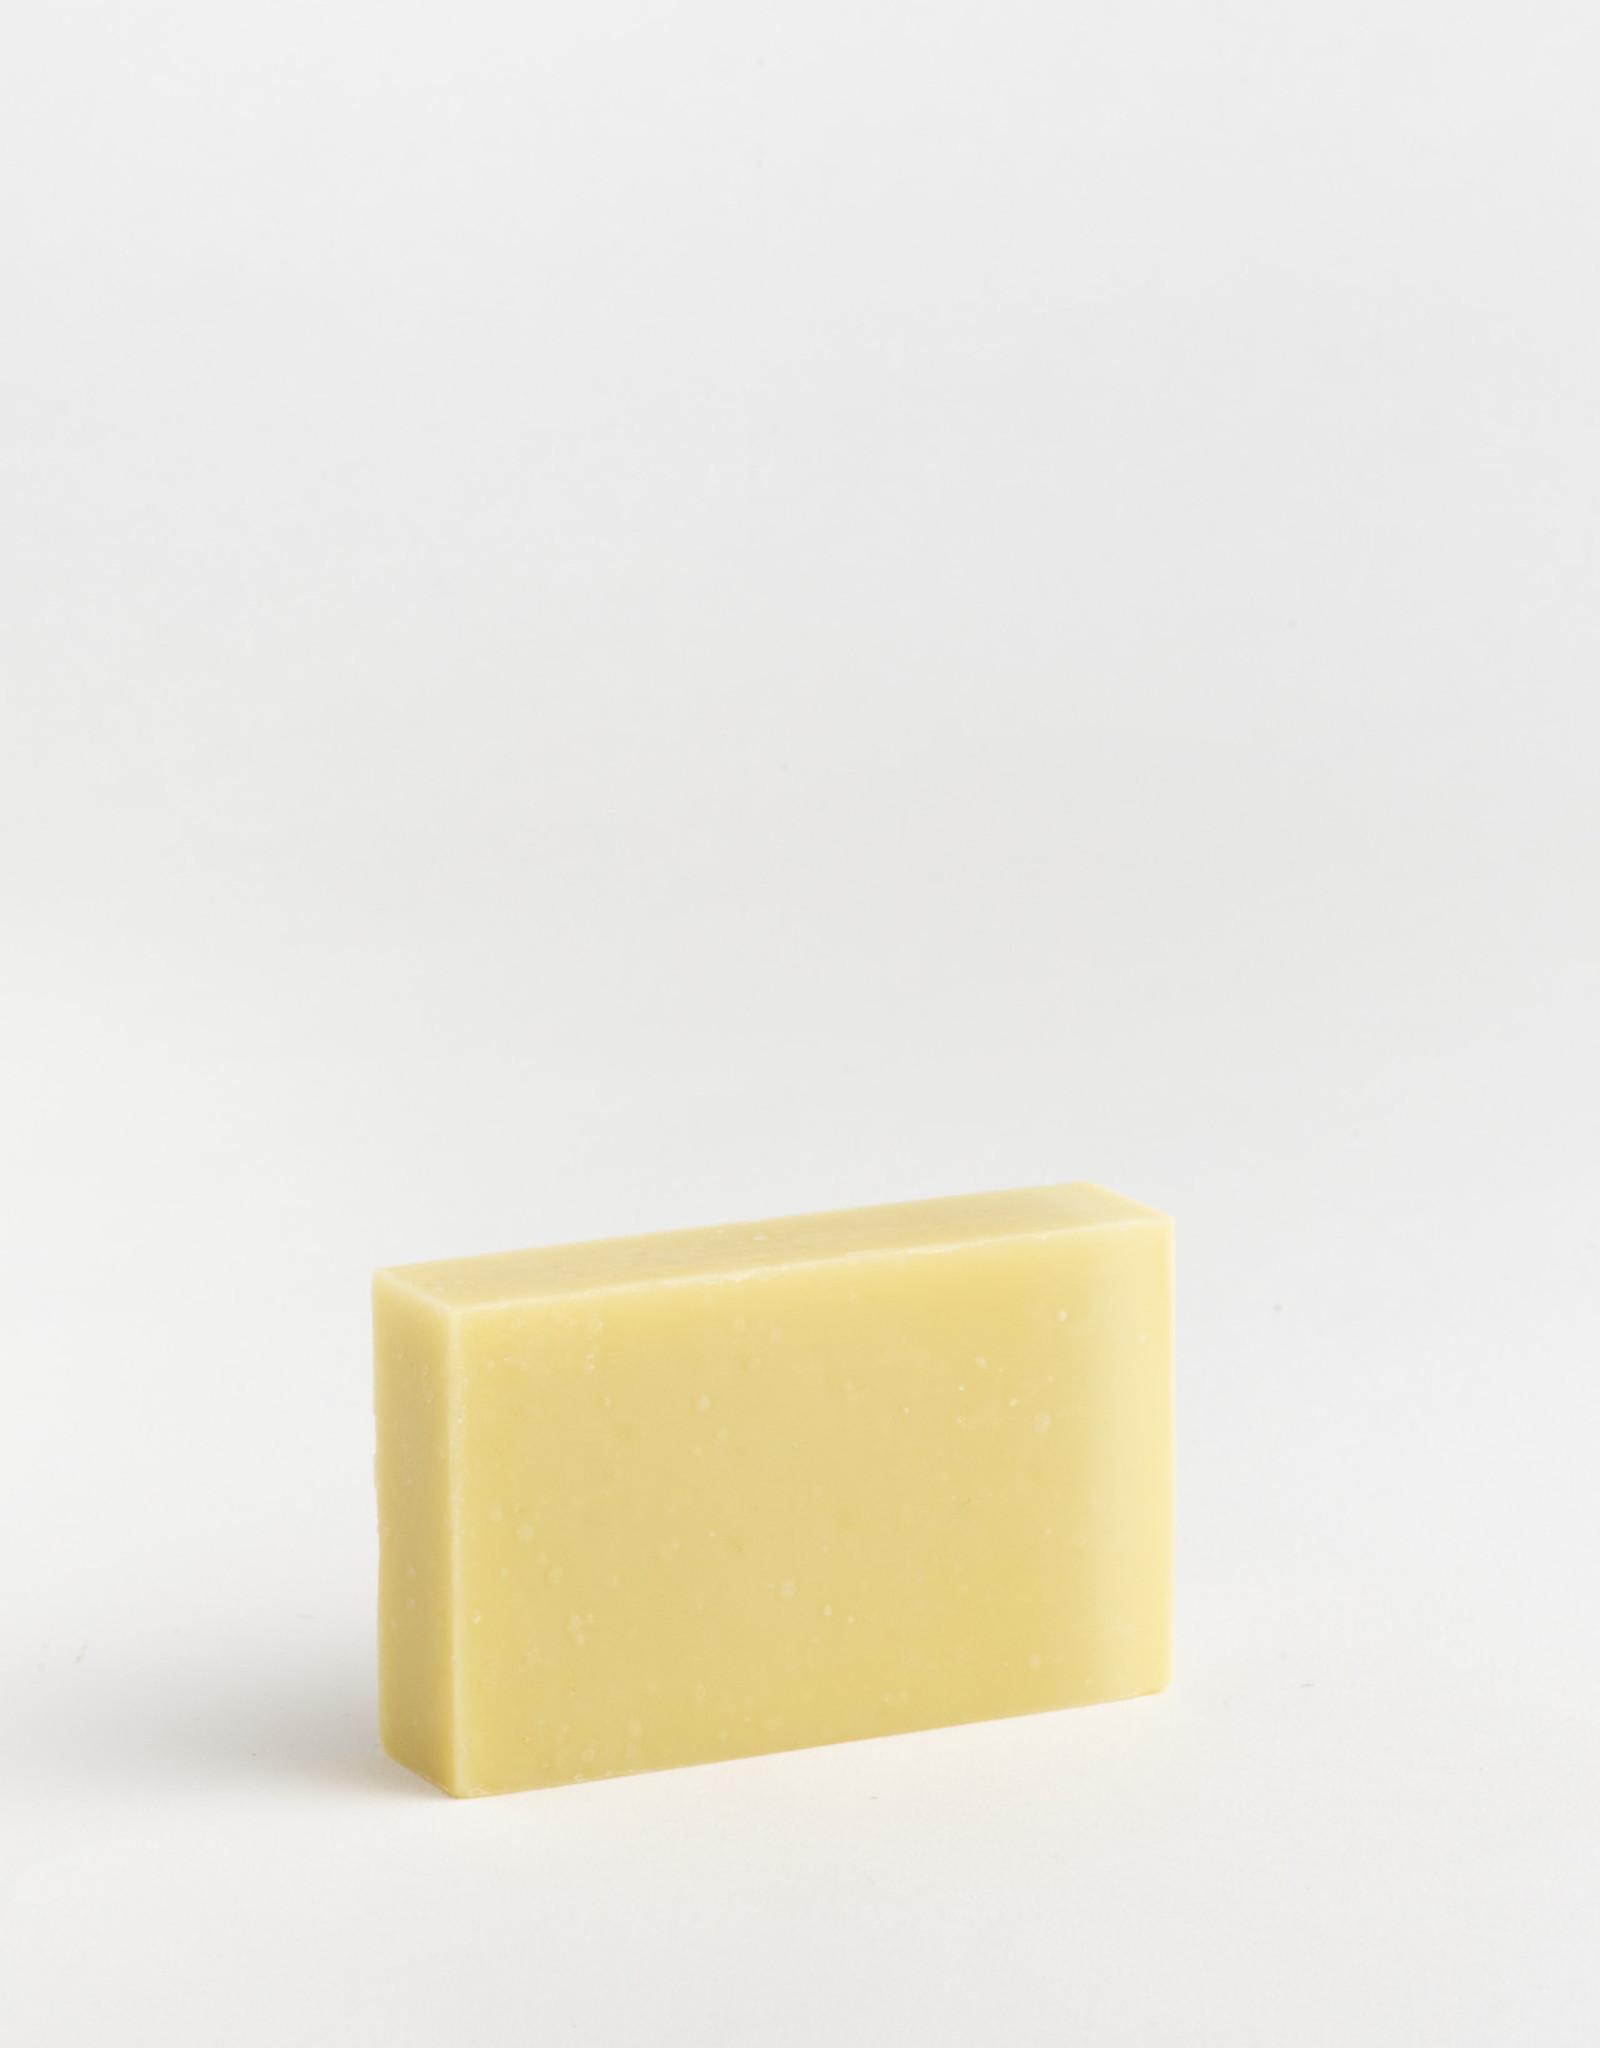 Bubble Buddy bubble buddy organic Shampoo soap bar 100g